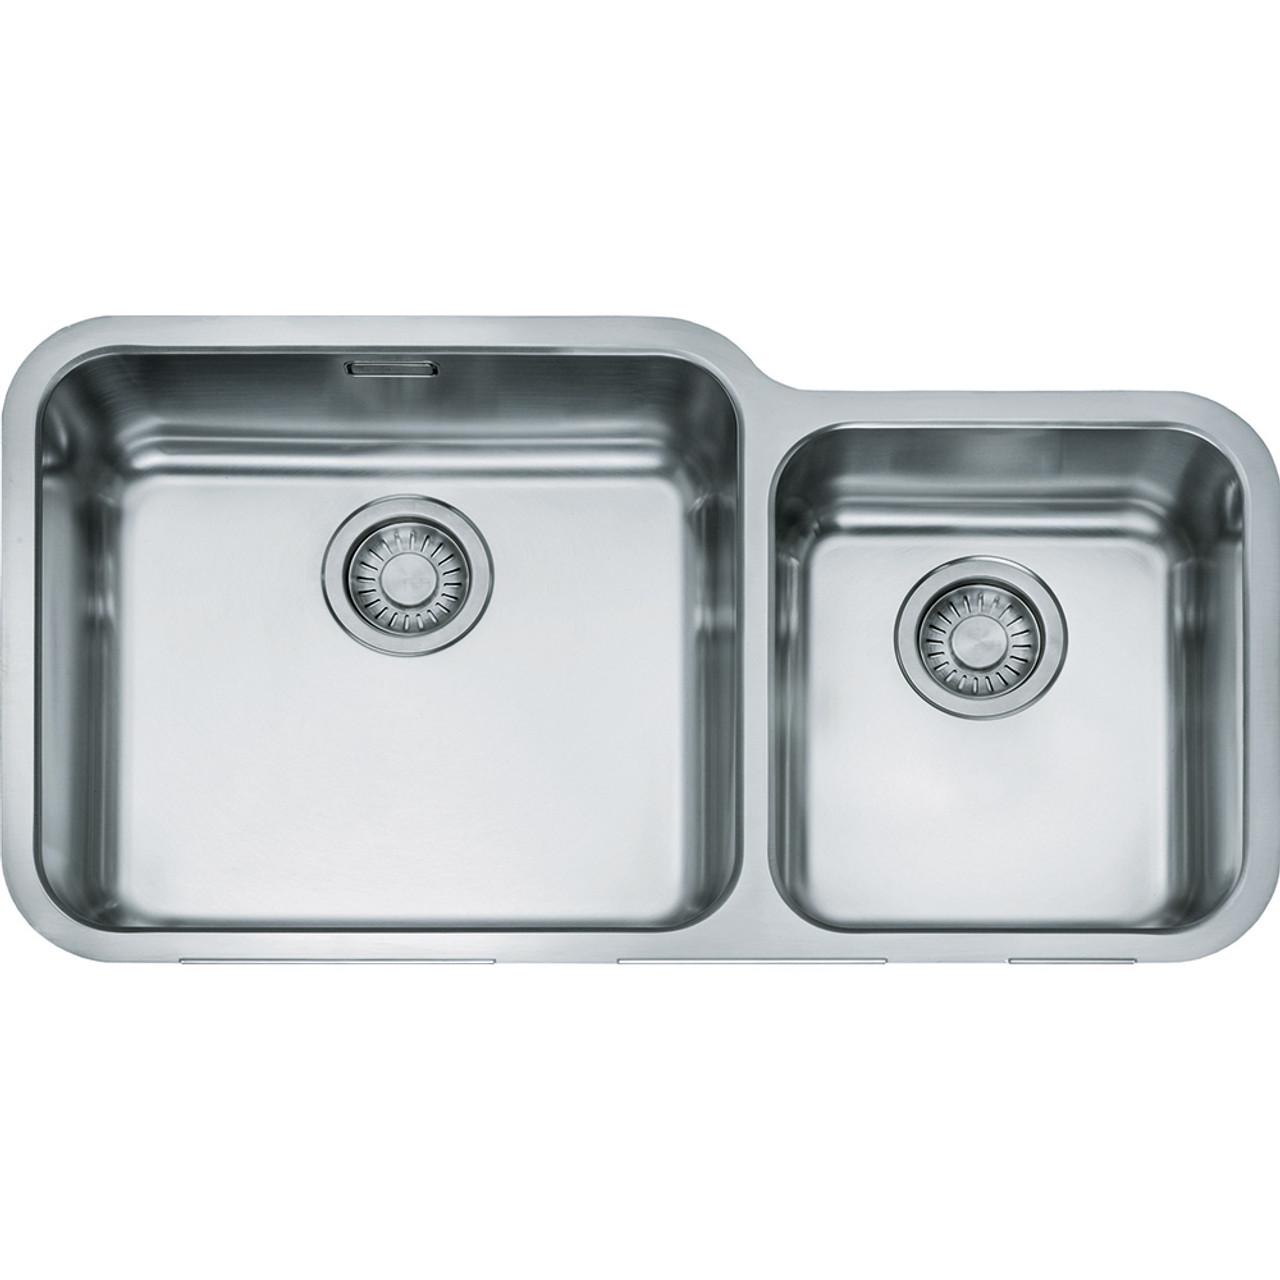 Franke Largo LAX120 45-30 Stainless Steel Kitchen Sink - Sinks